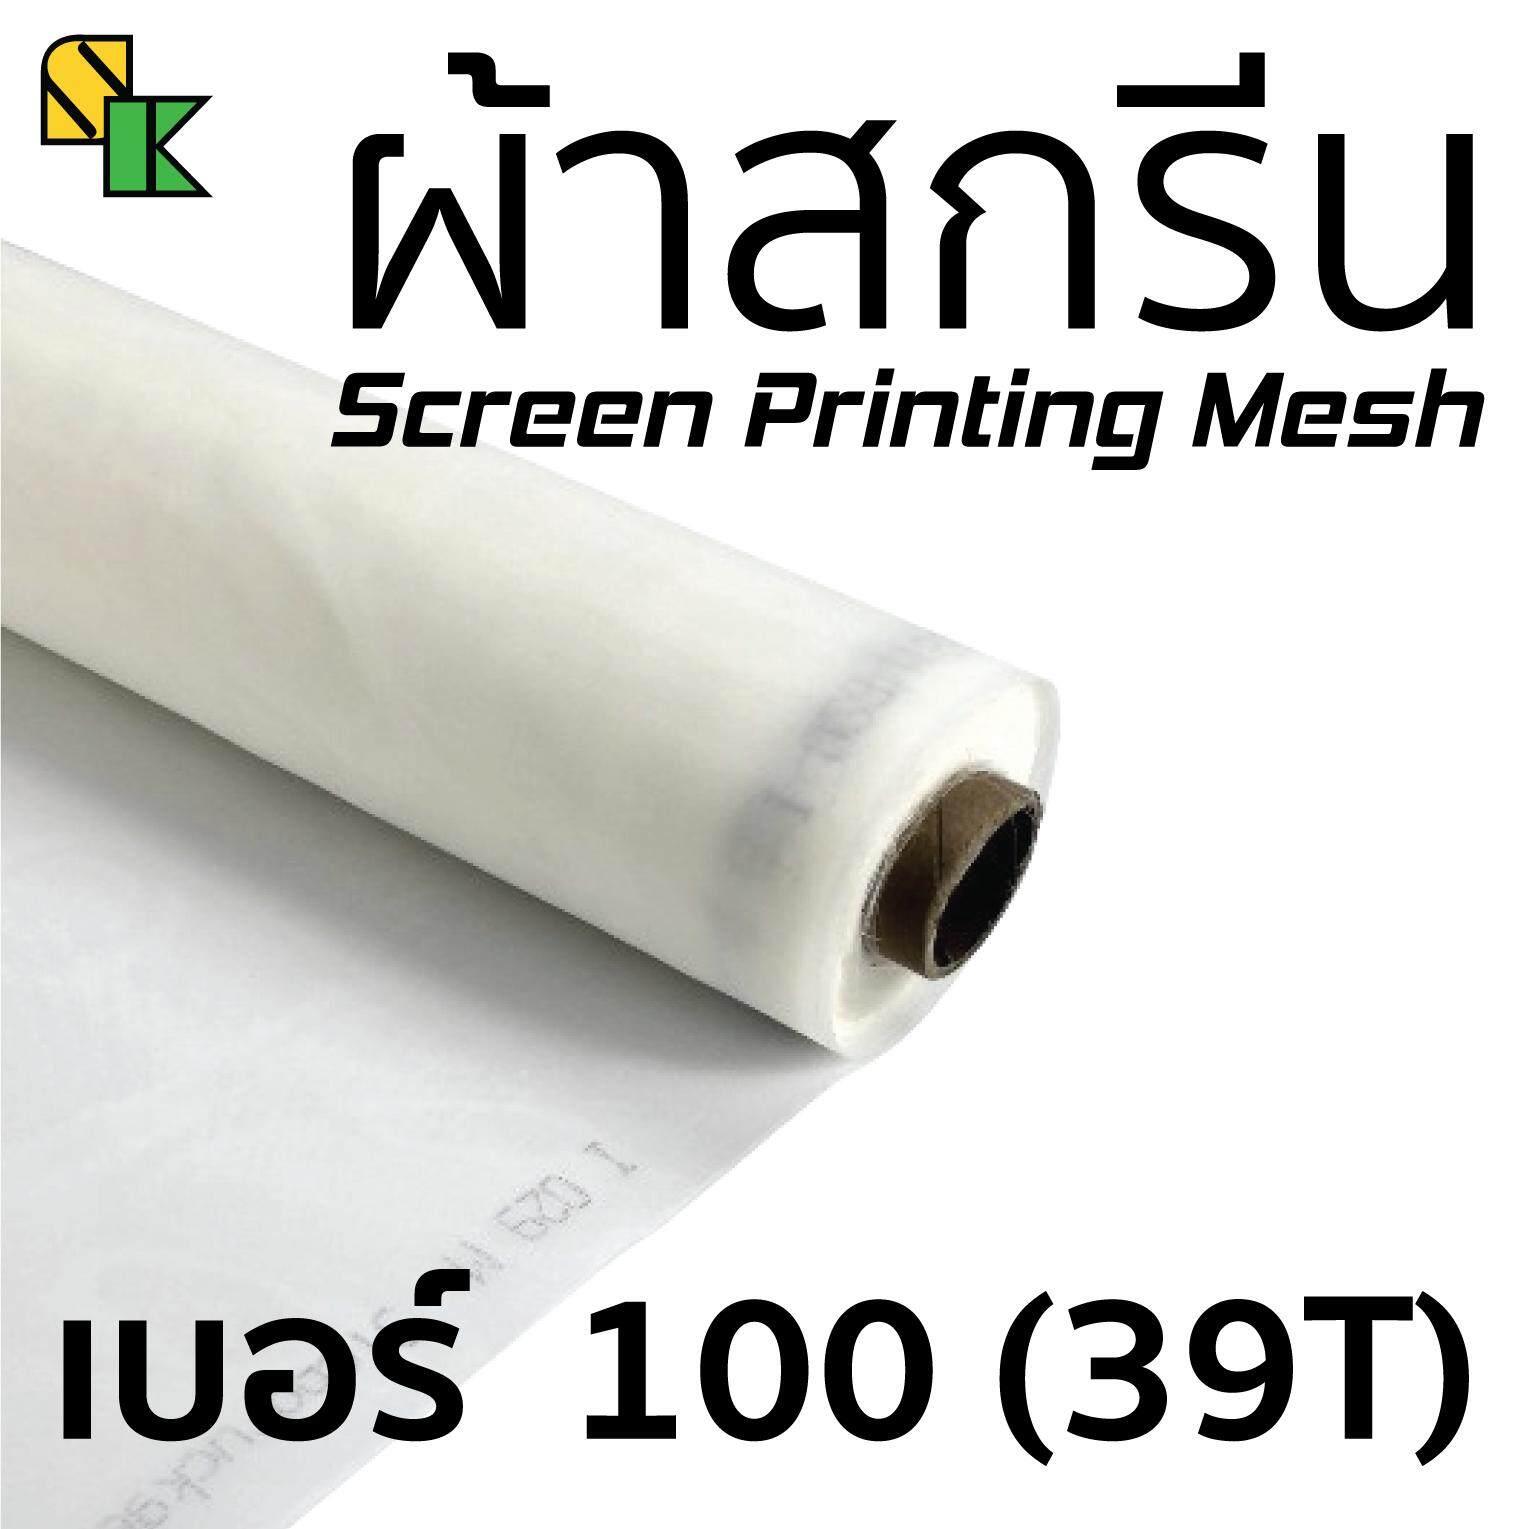 ผ้าสกรีน 100 เมช/นิ้ว (39t) 1 เมตร อุปกรณ์สกรีนเสื้อ ผ้าสกีน ผ้าตะข่าย ผ้าทำบล็อคสกรีน บล็อคสกรีน สกรีนเสื้อ เคมีสกรีนเสื้อ พิมพ์ซิลค์สกรีน.